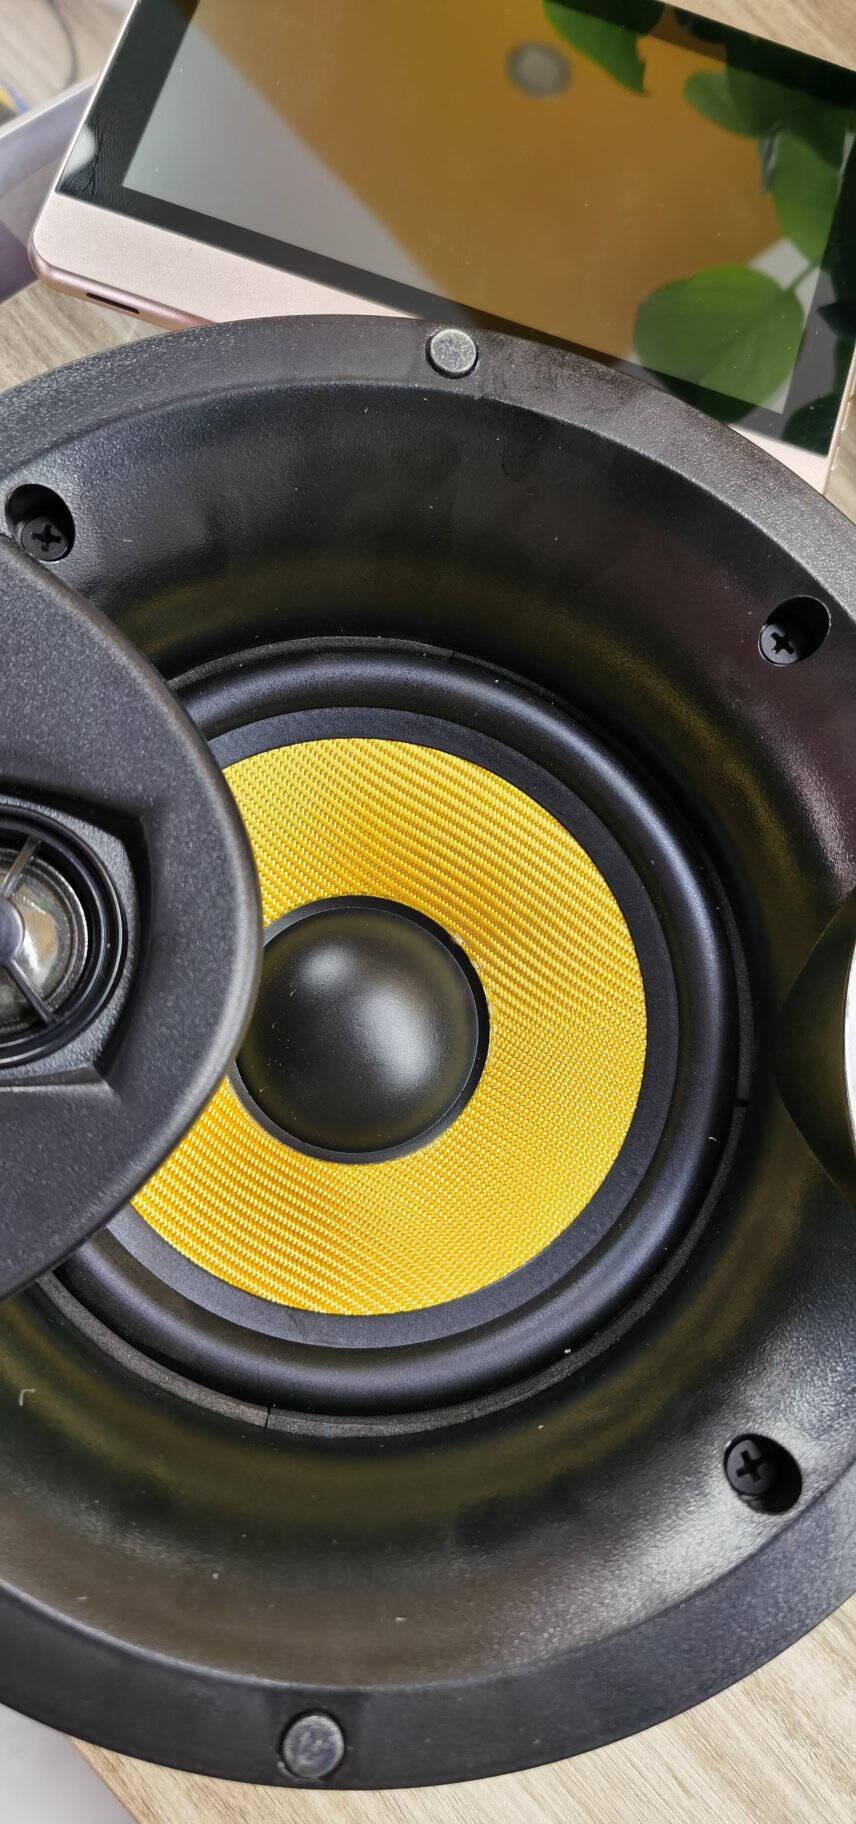 威斯汀(WESTDING)XT12智能家庭背景音乐主机系统套装家庭影院音响组合嵌入式吸顶音响喇叭XT12+918*4